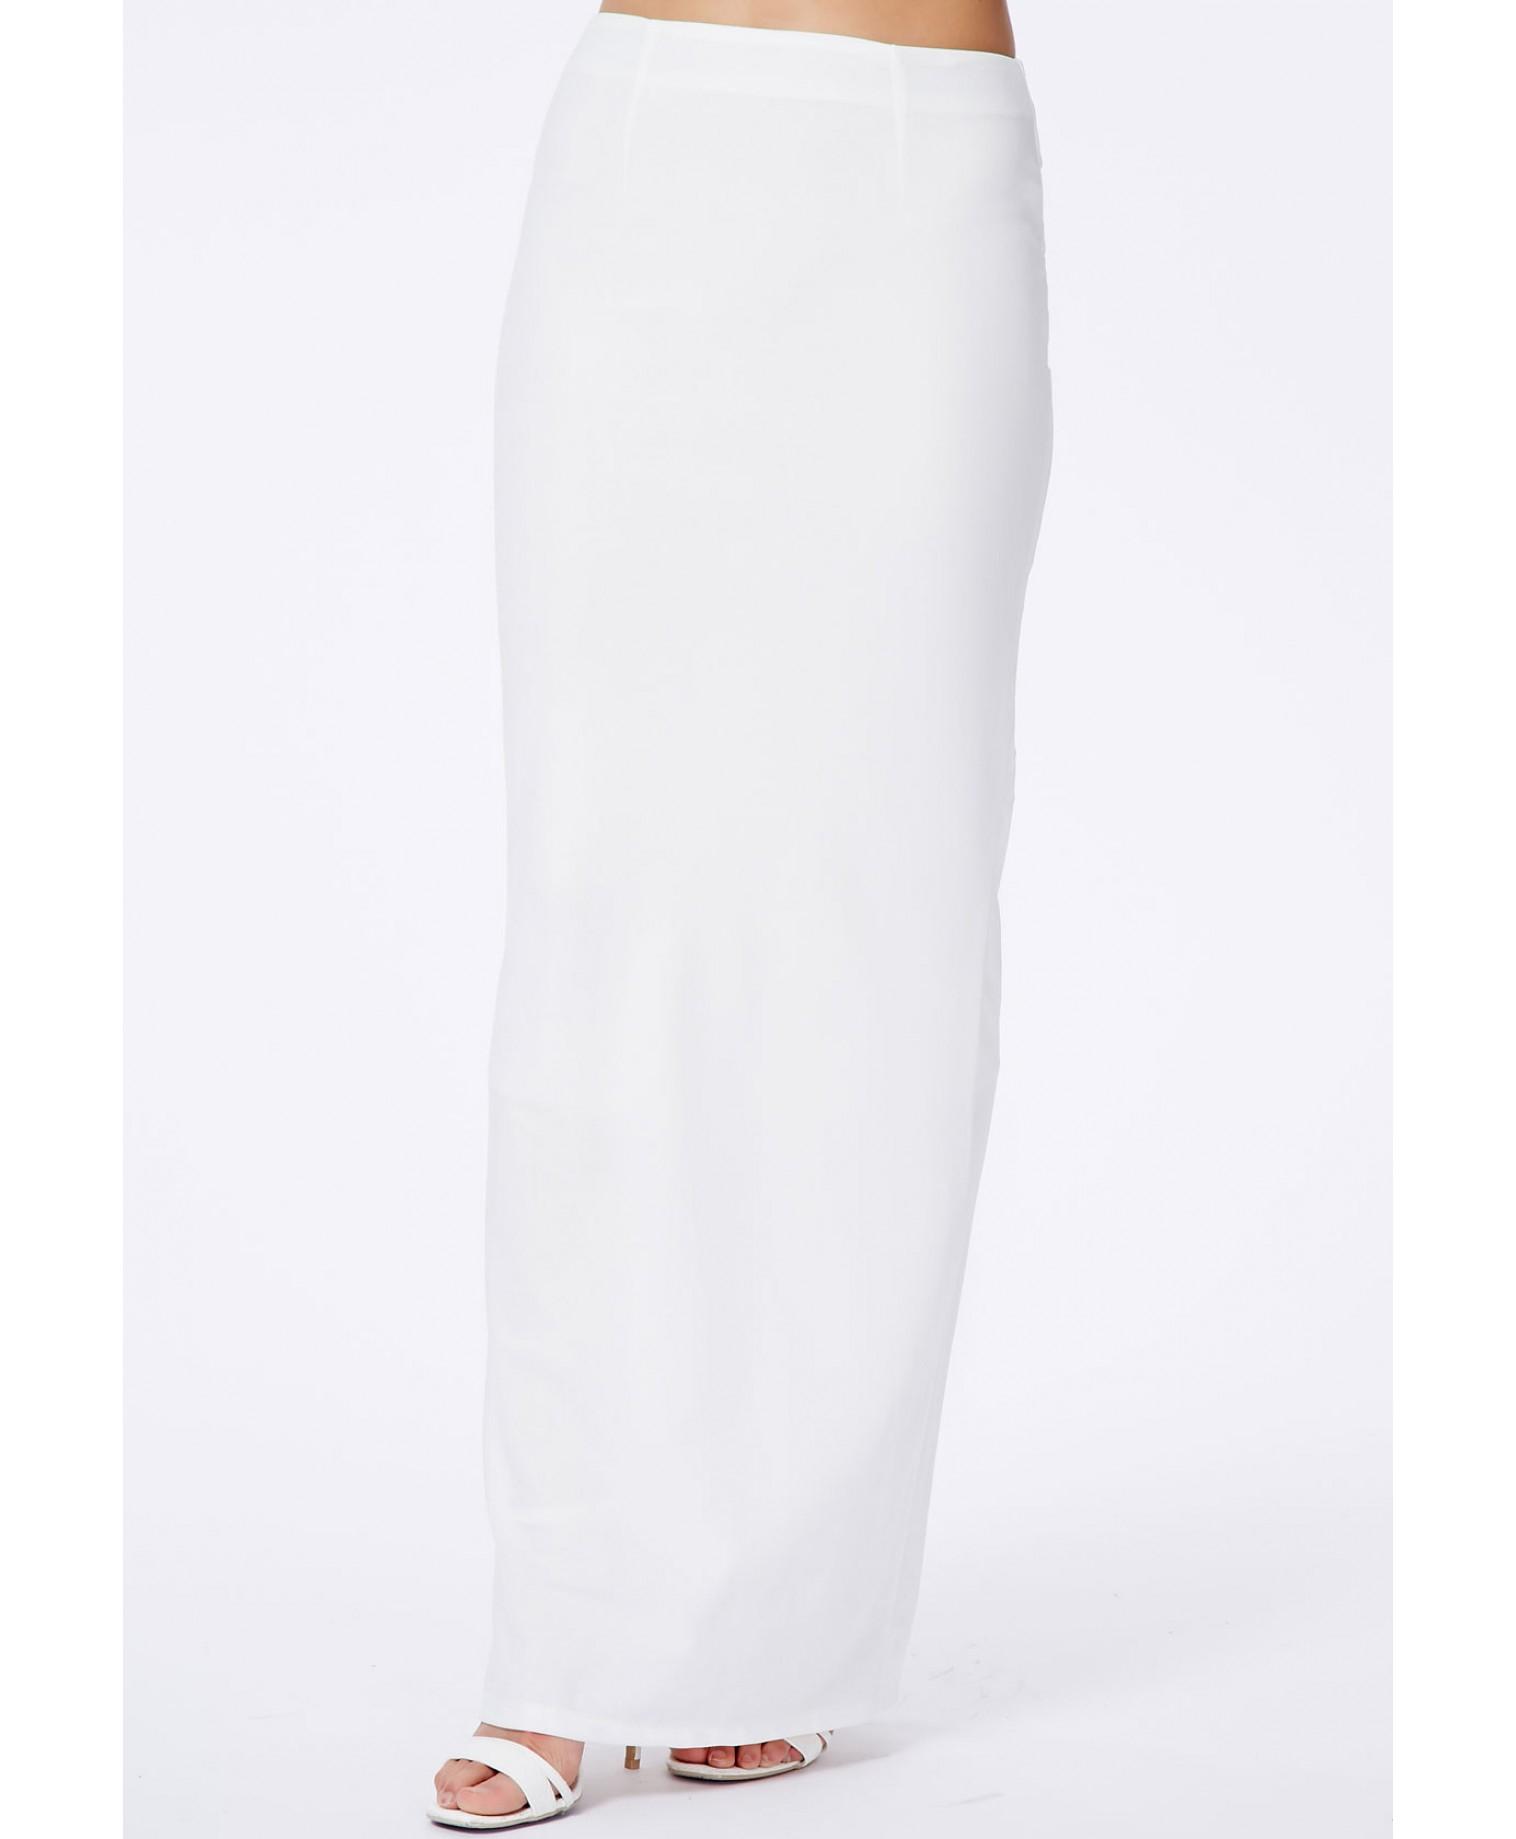 Missguided Amla White Split Crepe Maxi Skirt in White | Lyst